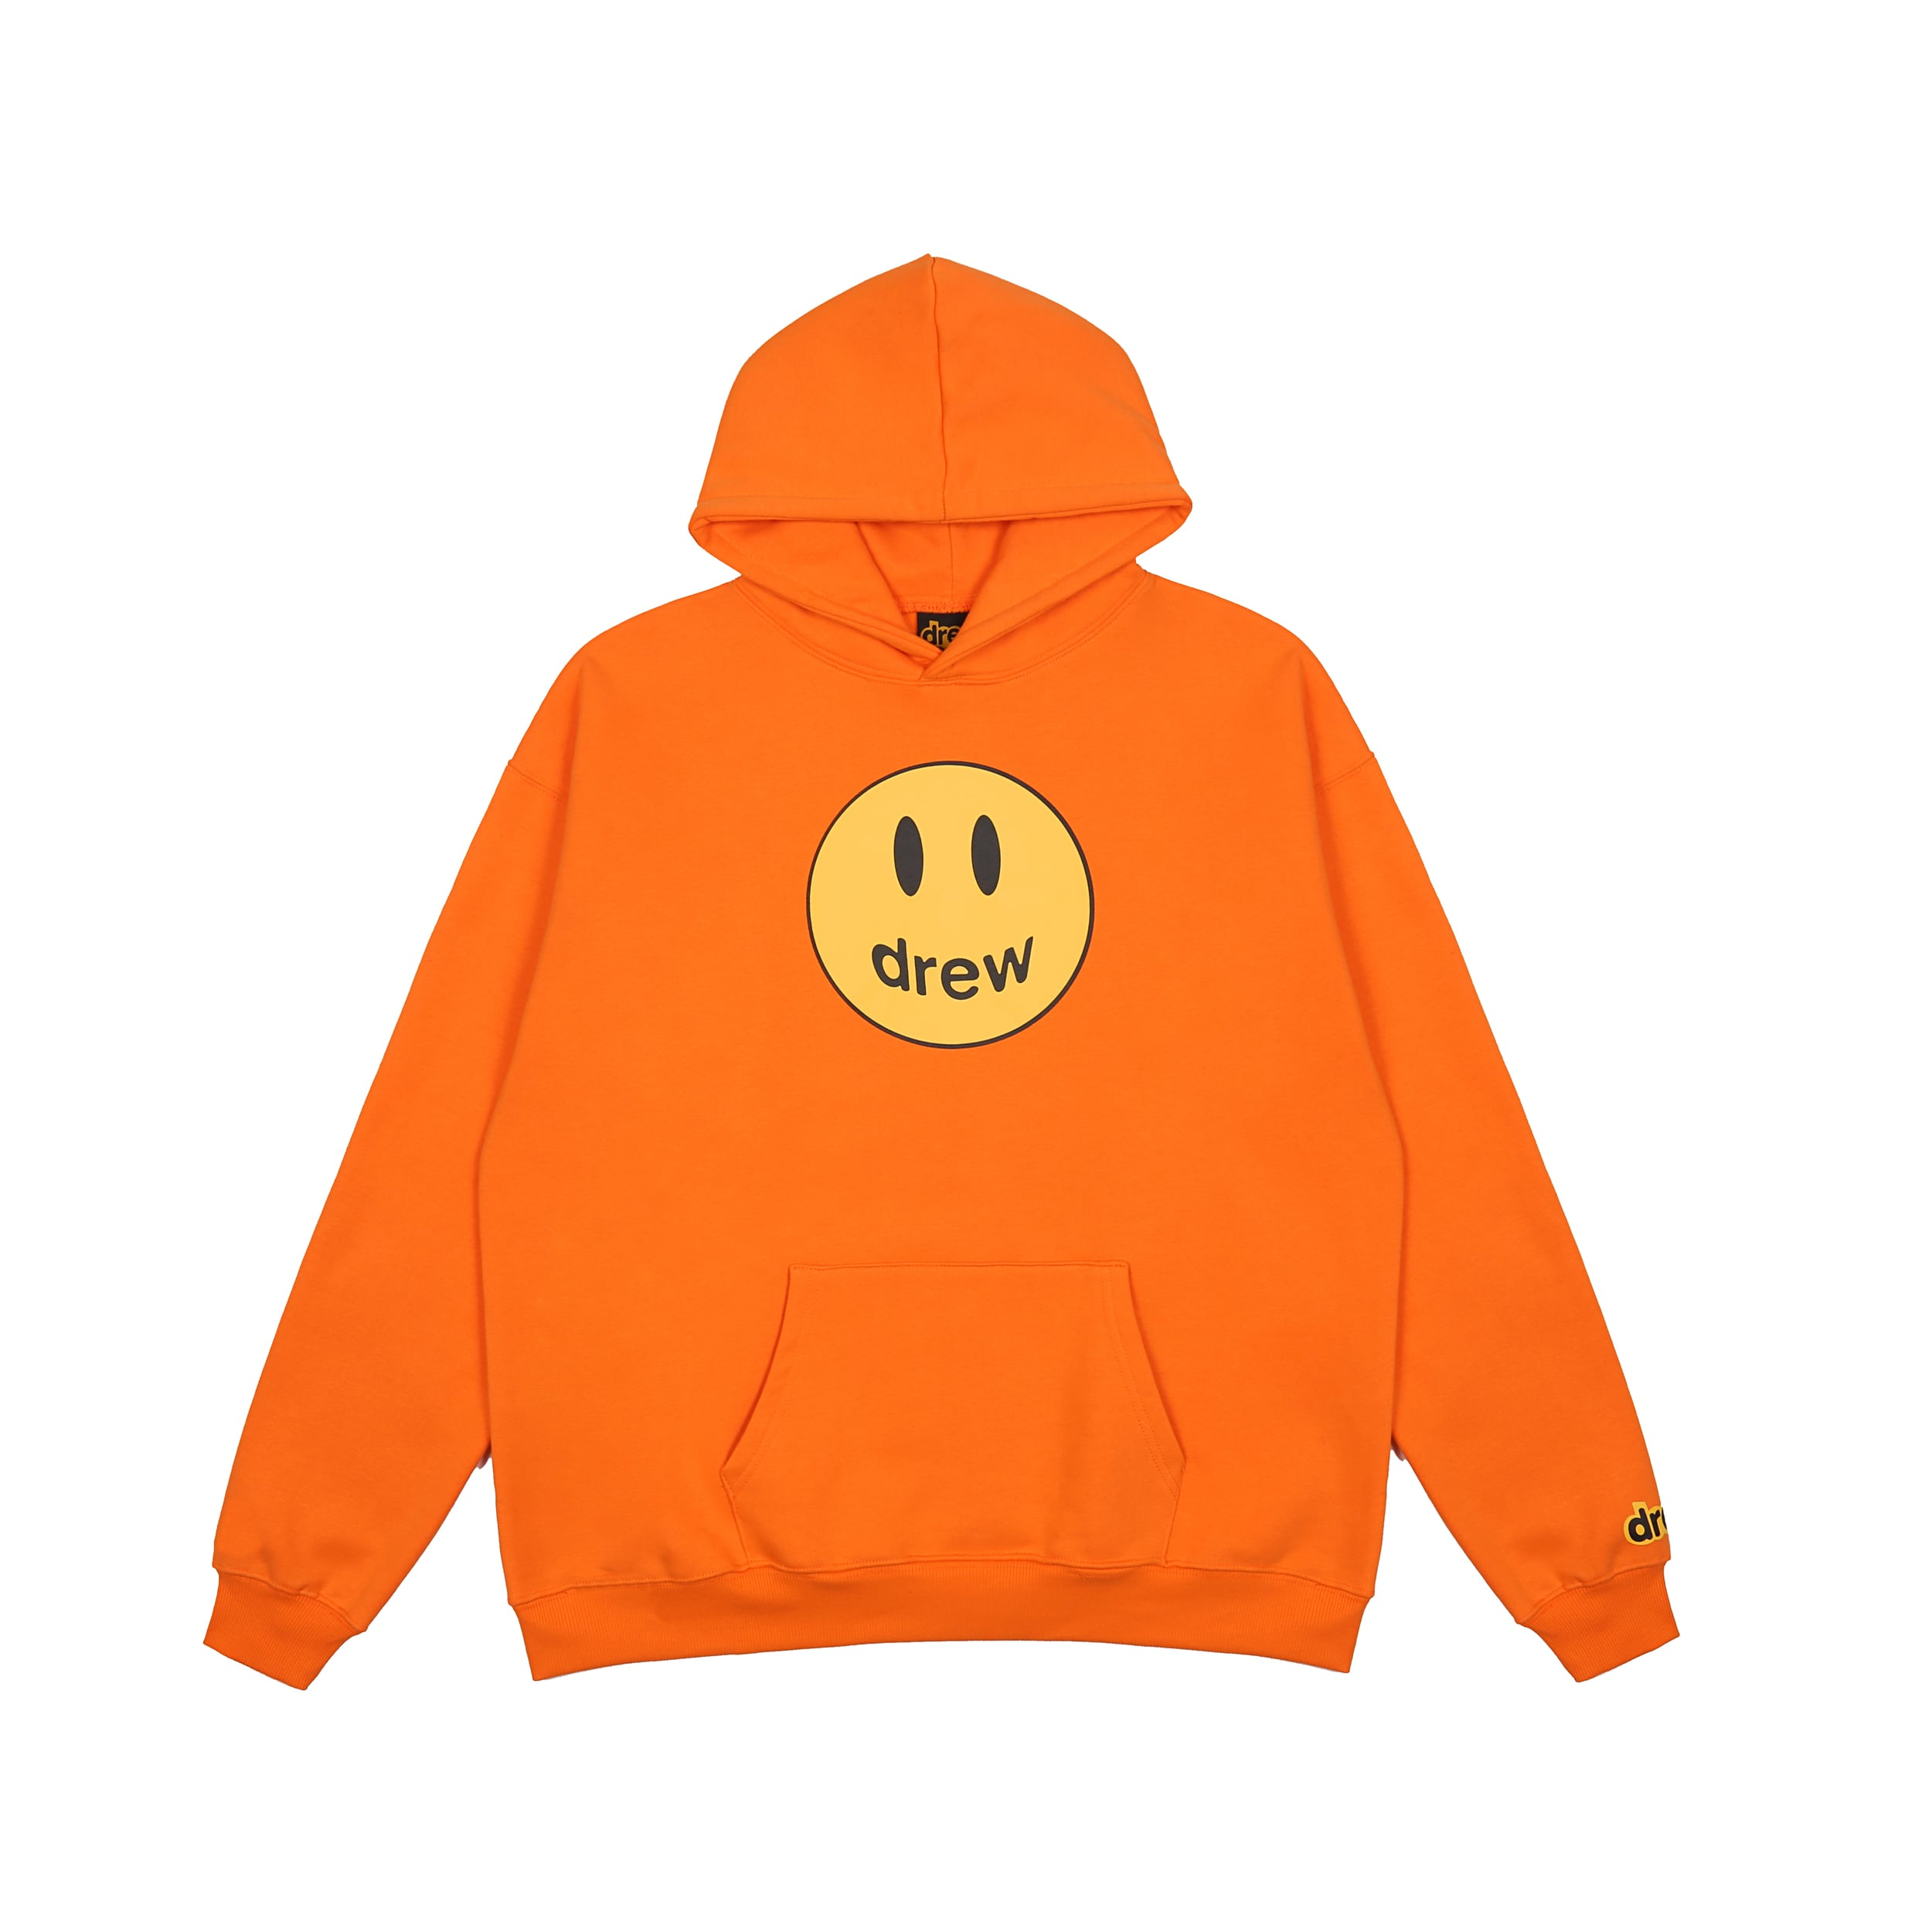 drew hoodie